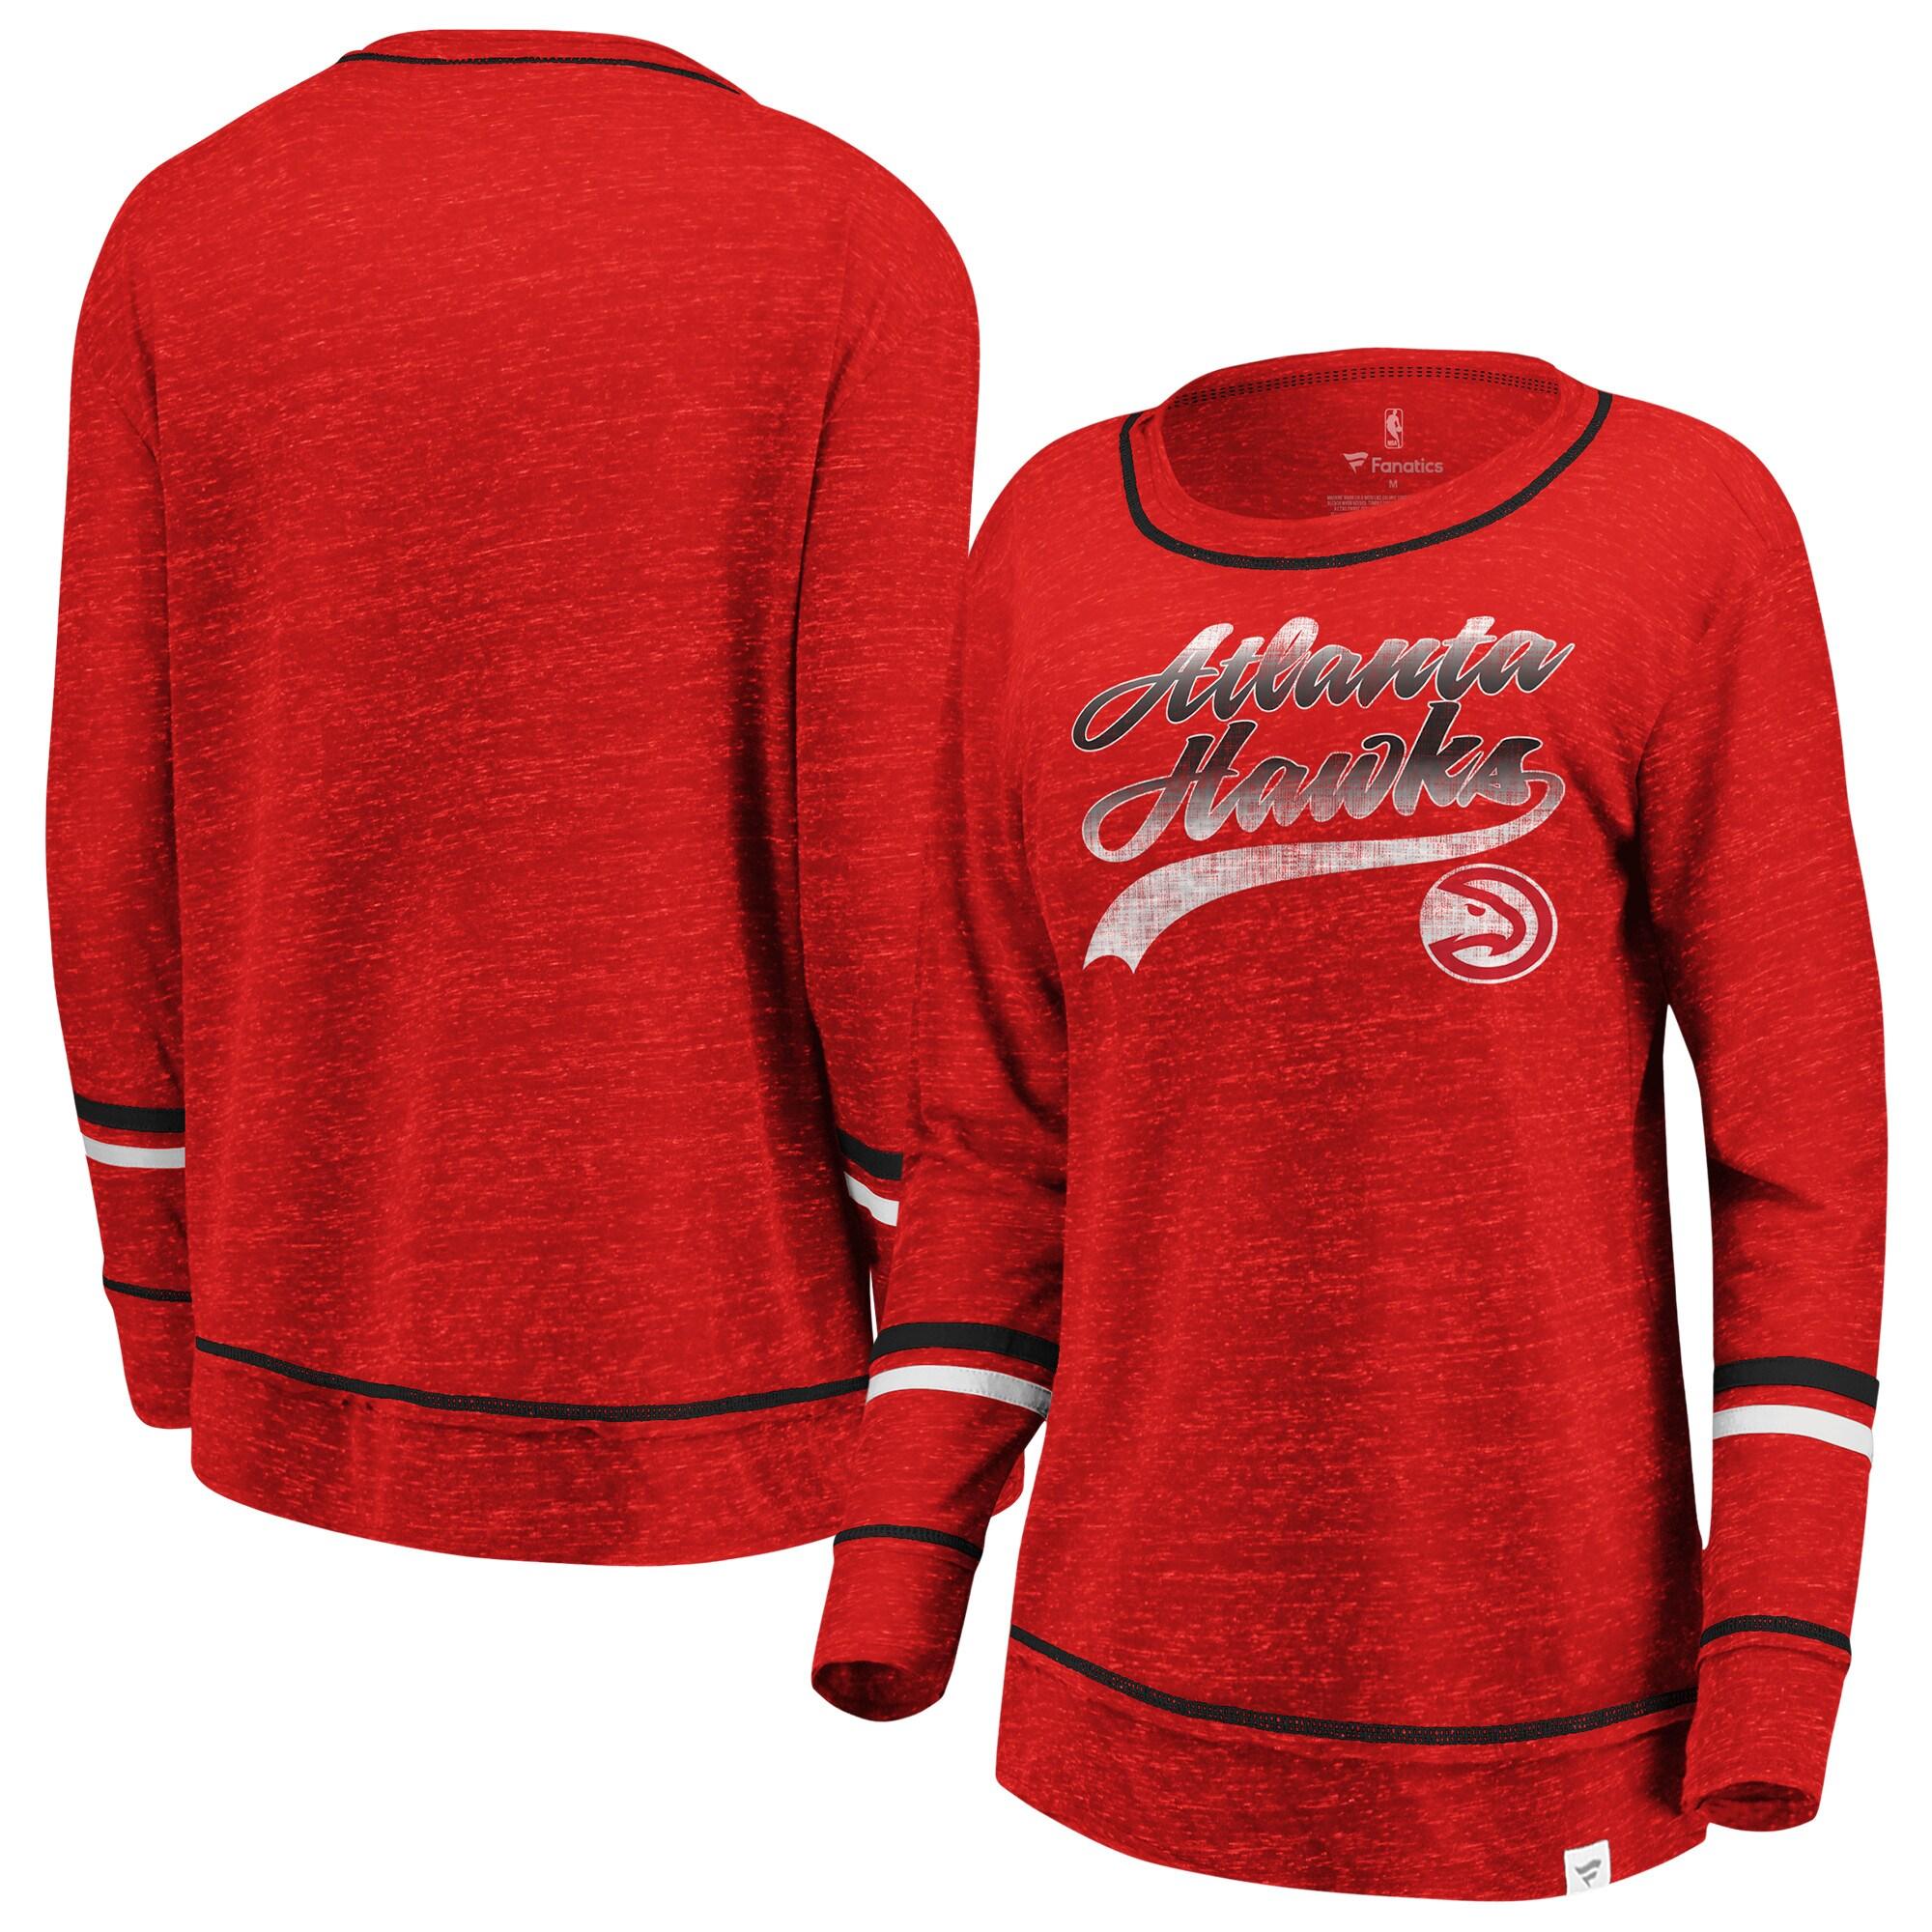 Atlanta Hawks Fanatics Branded Women's Dreams Sleeve Stripe Speckle Long Sleeve T-Shirt - Heathered Red/Black